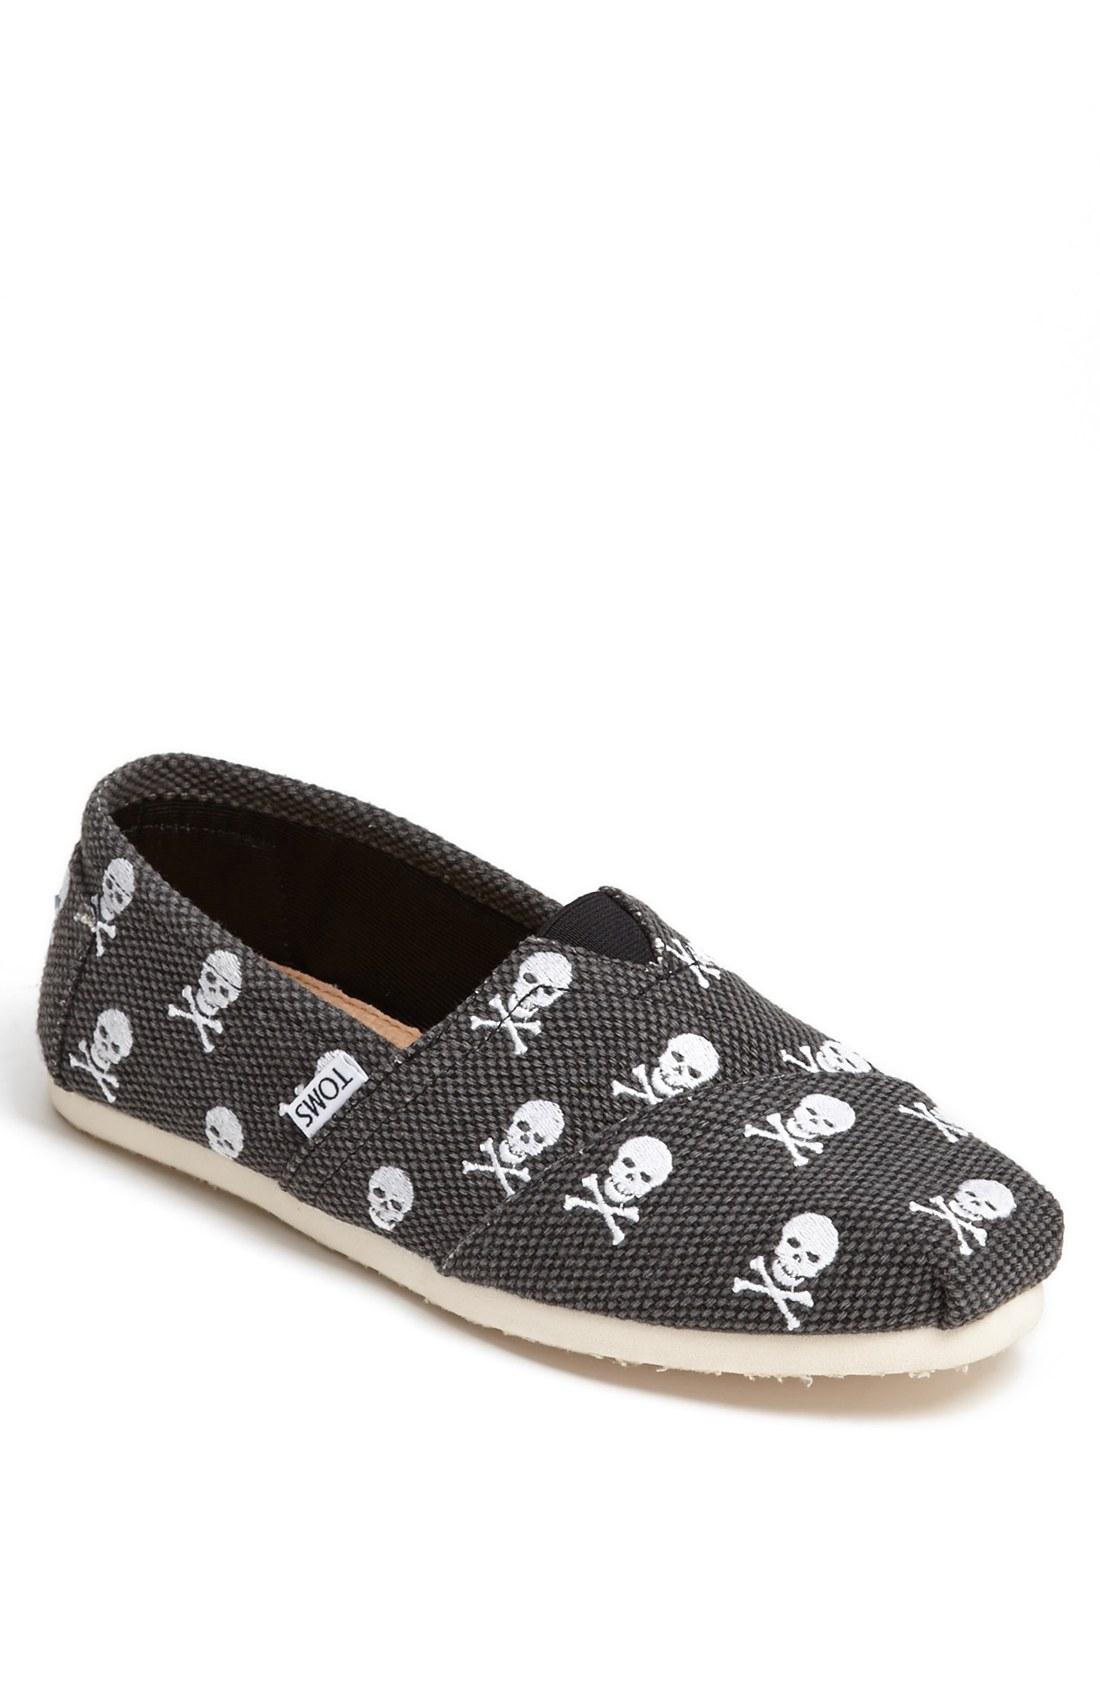 Mens Slip On Skull Shoes